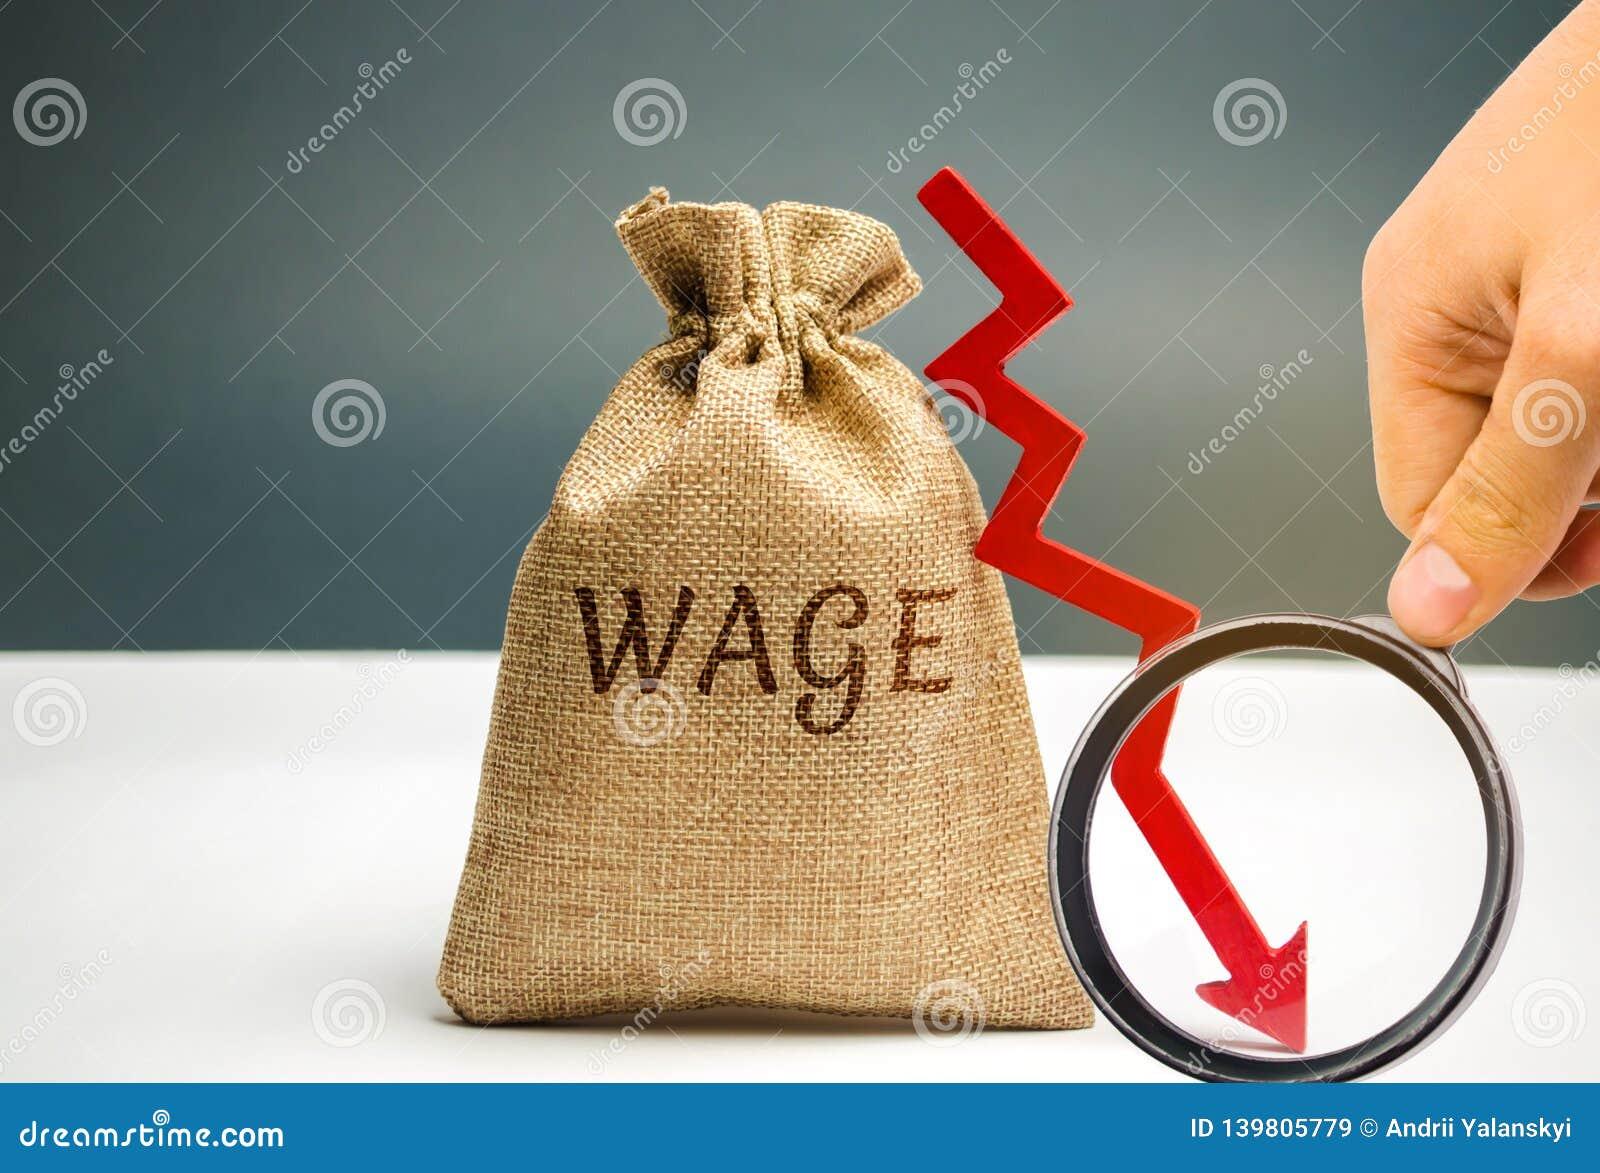 Τσάντα με τα χρήματα και την αμοιβή λέξης και ένα κόκκινο κάτω από το βέλος Μείωση μισθών Πτώση στα κέρδη μειωμένο οικονομικό ποσ